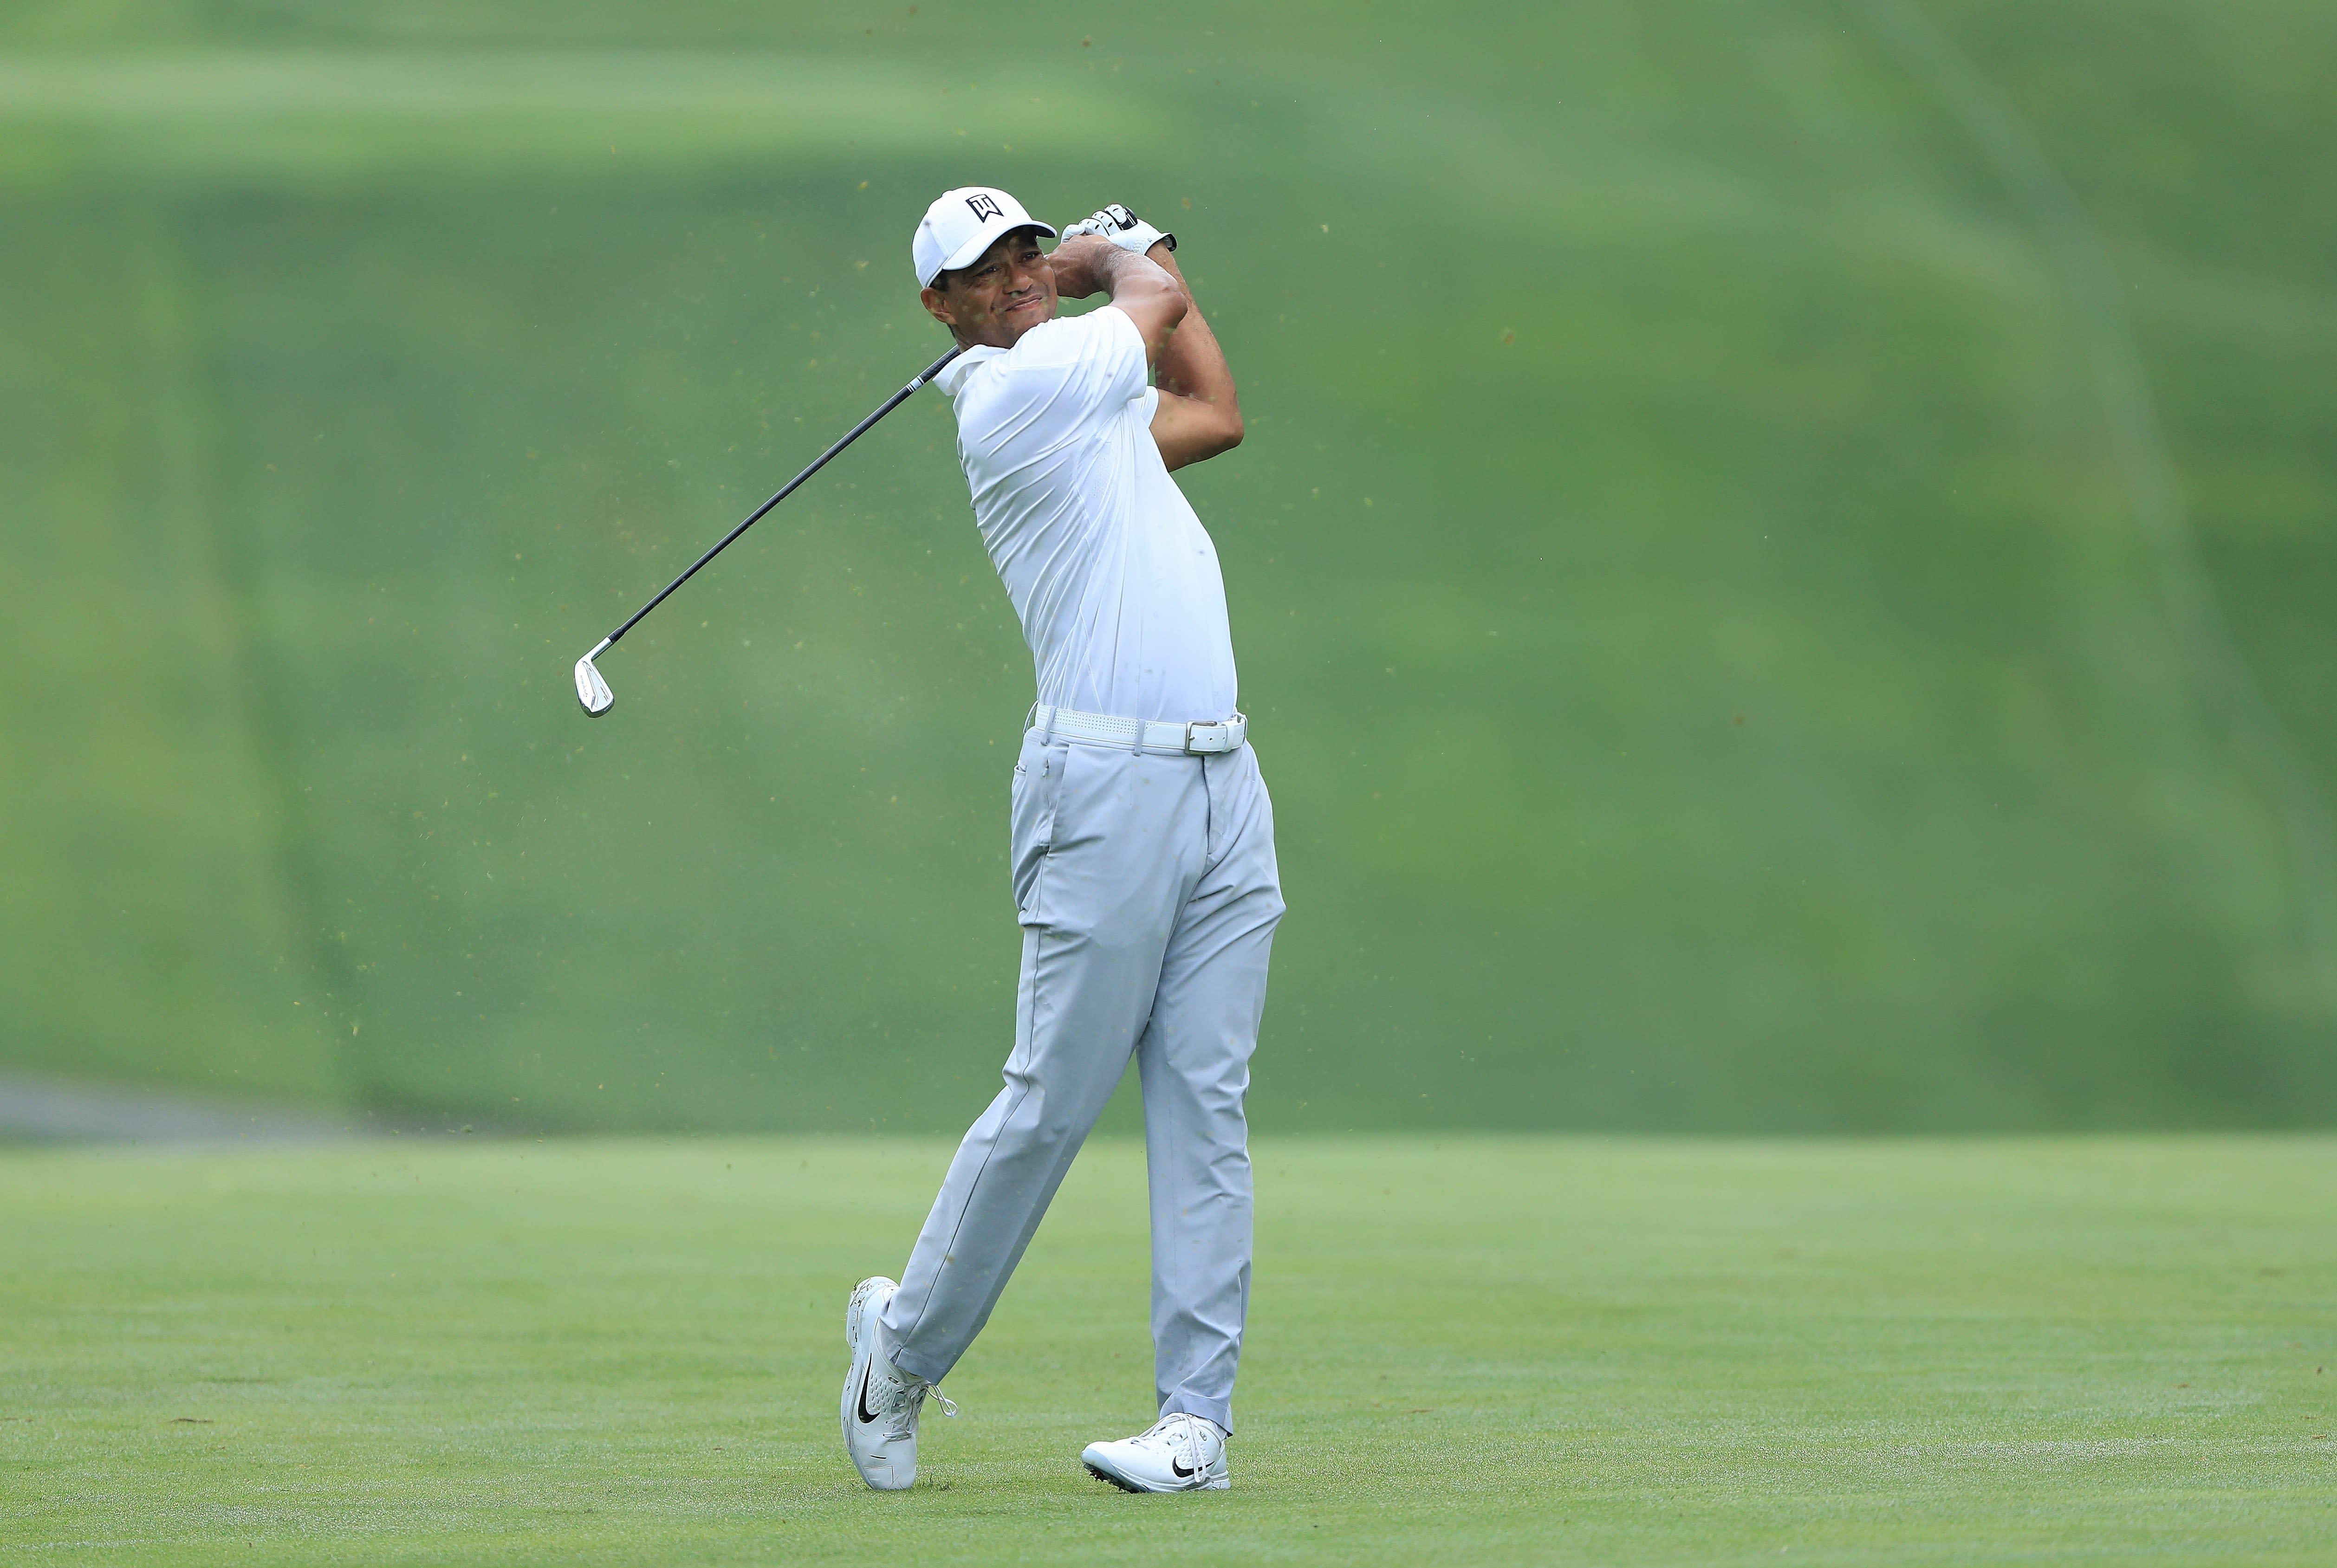 Tiger Woods Thursday live blog: Woods fights back to card even-par